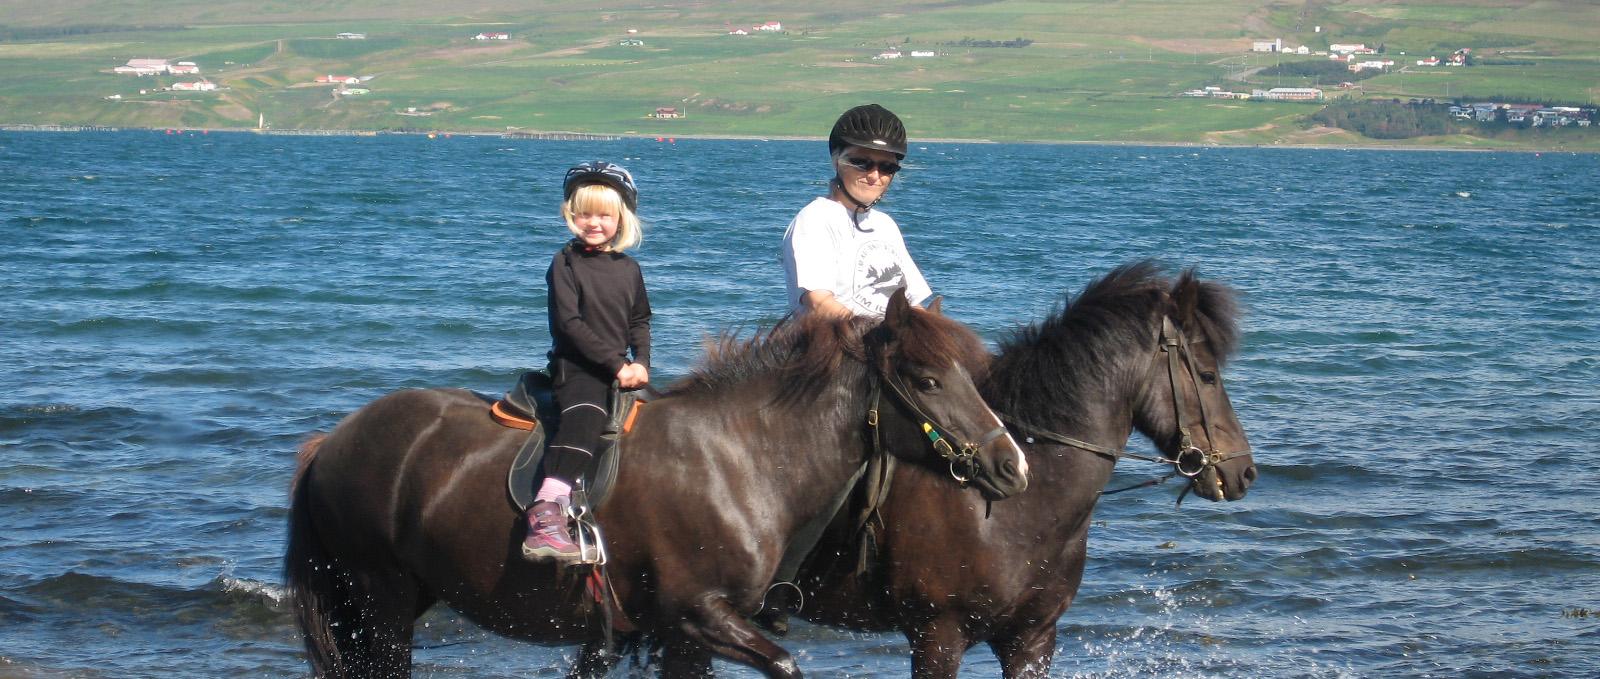 子供向けの乗馬ツアーでアイスランドの馬に触れ合える